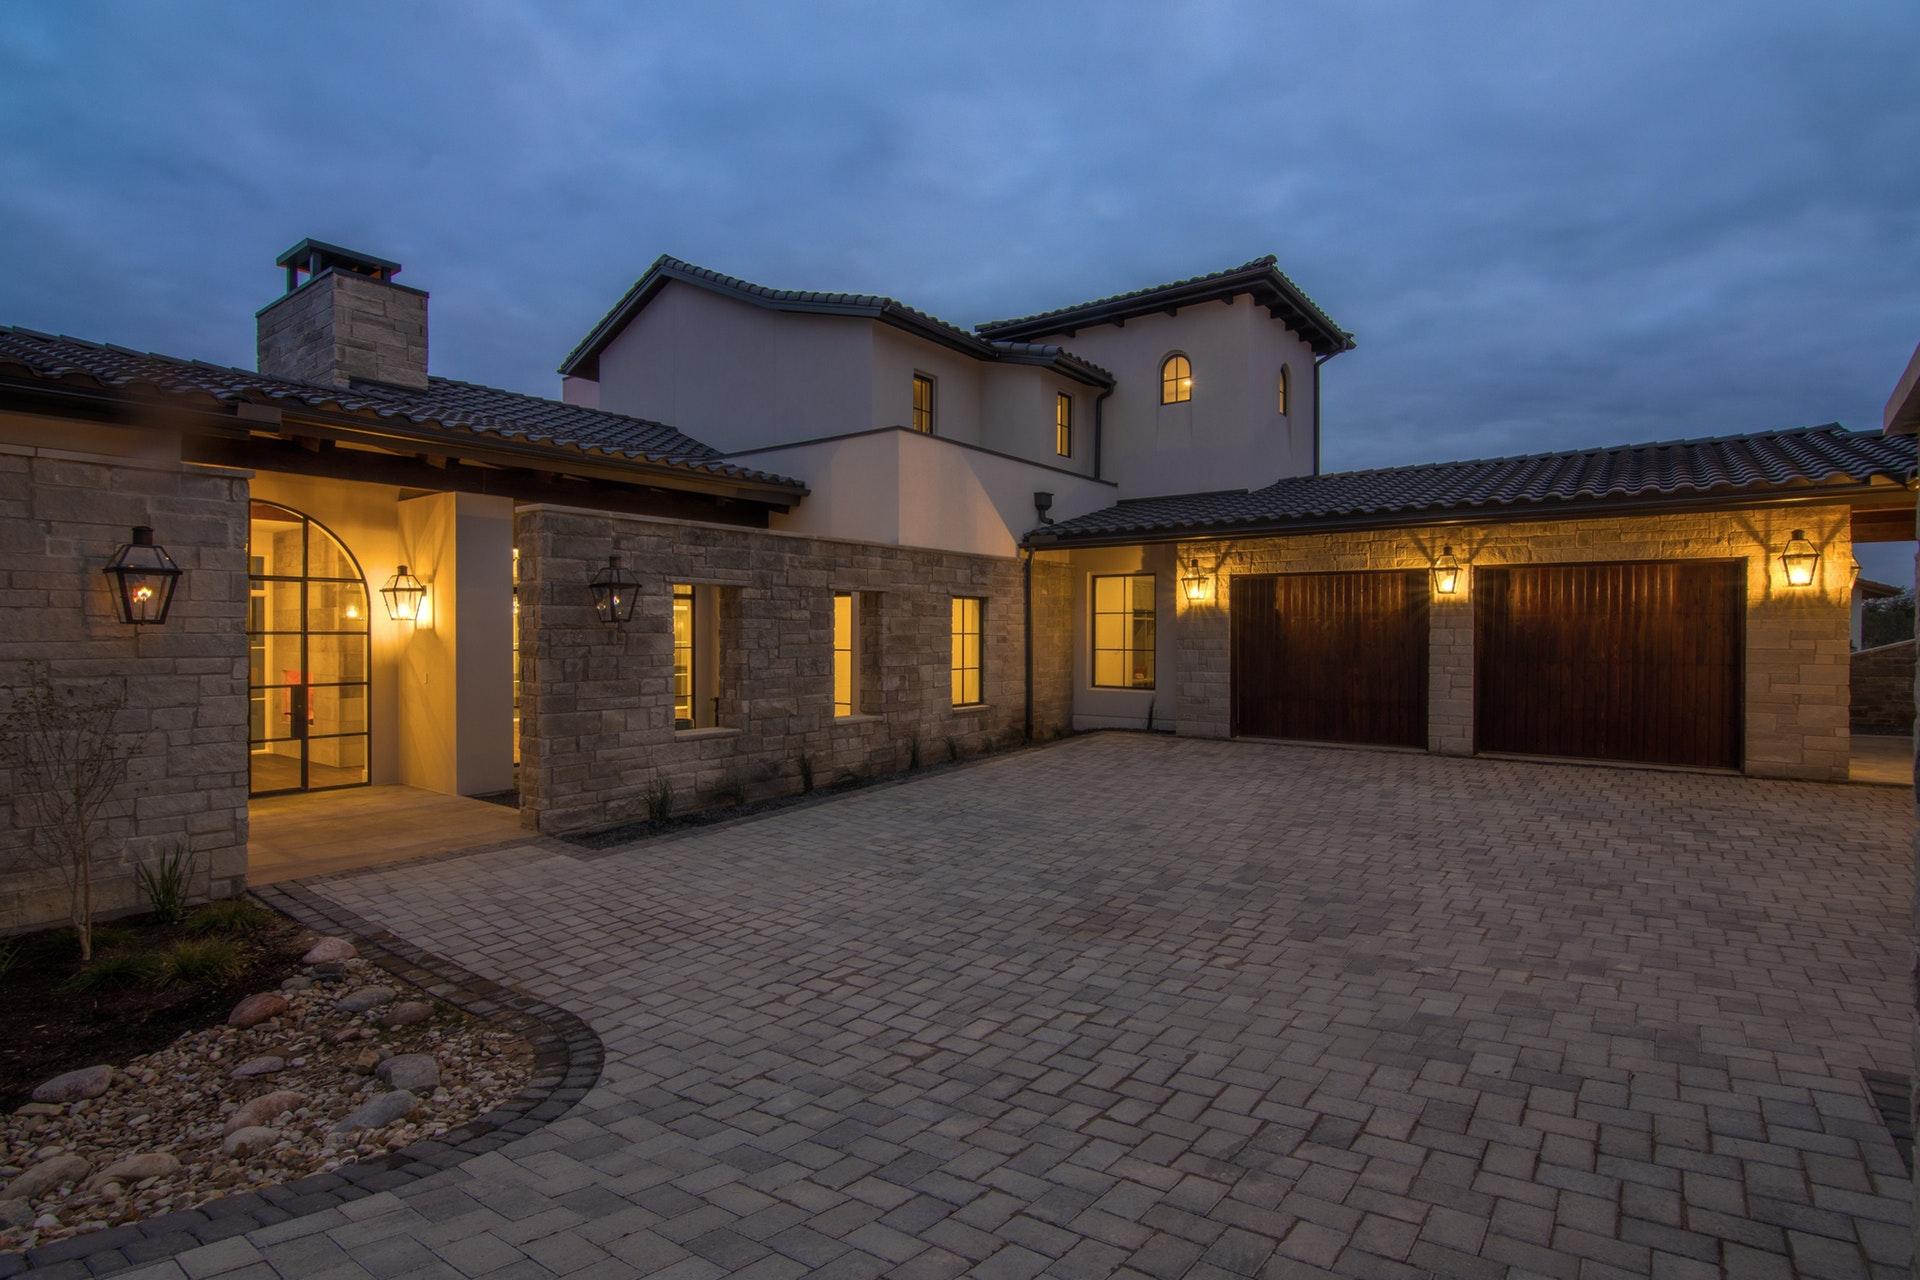 006-296944-5608 Spanish Oaks 070_7213937.jpg